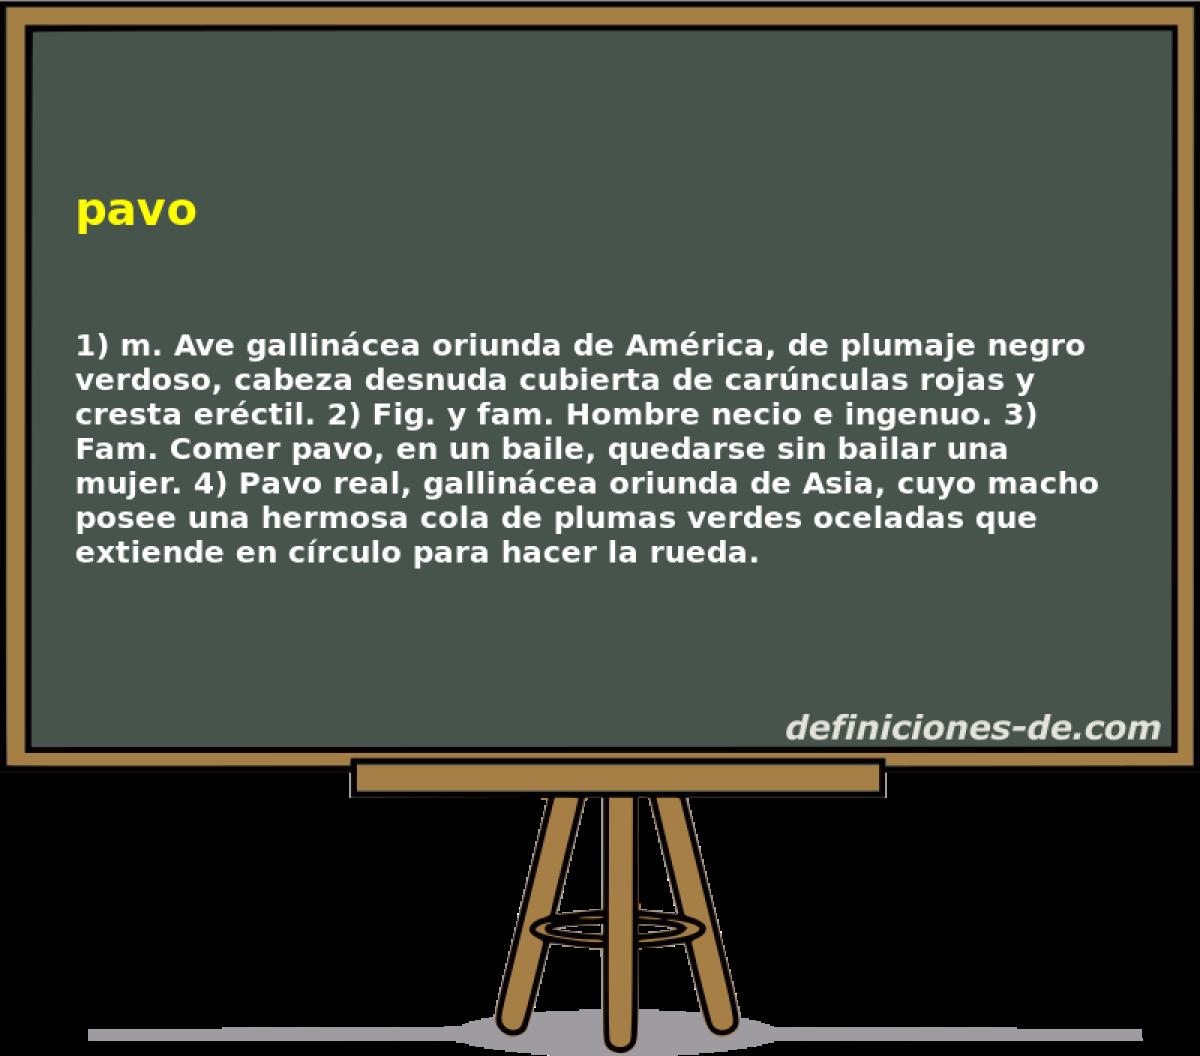 Qué significa Pavo?